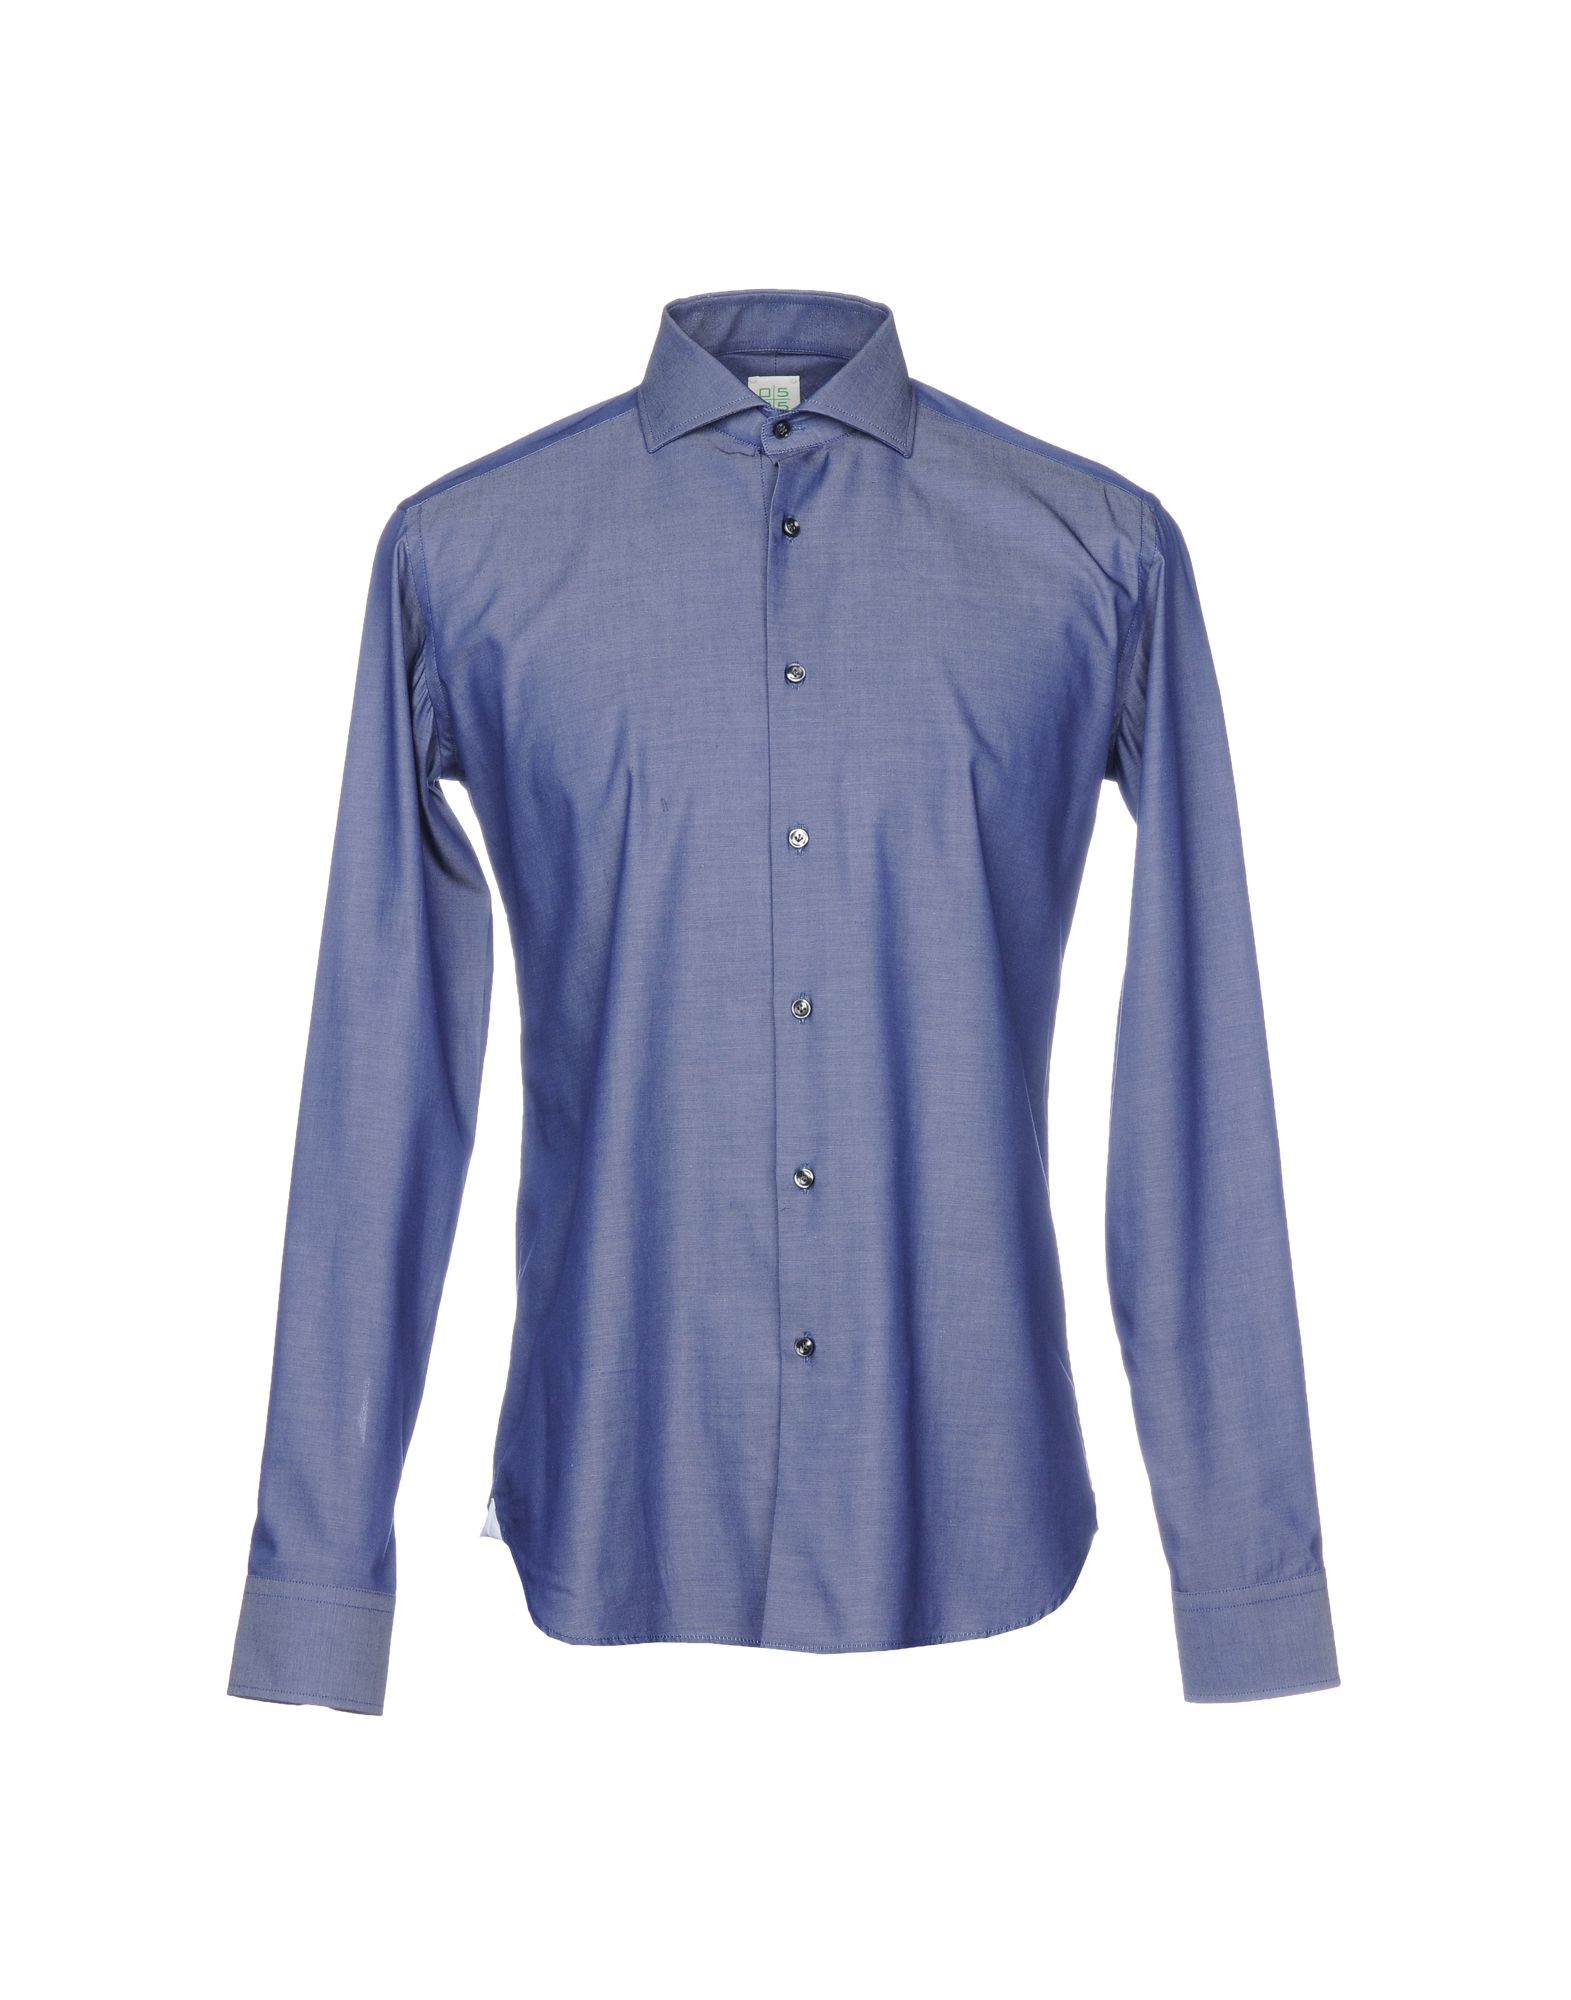 《送料無料》0575 by INGHIRAMI メンズ シャツ ダークブルー 39 コットン 100%